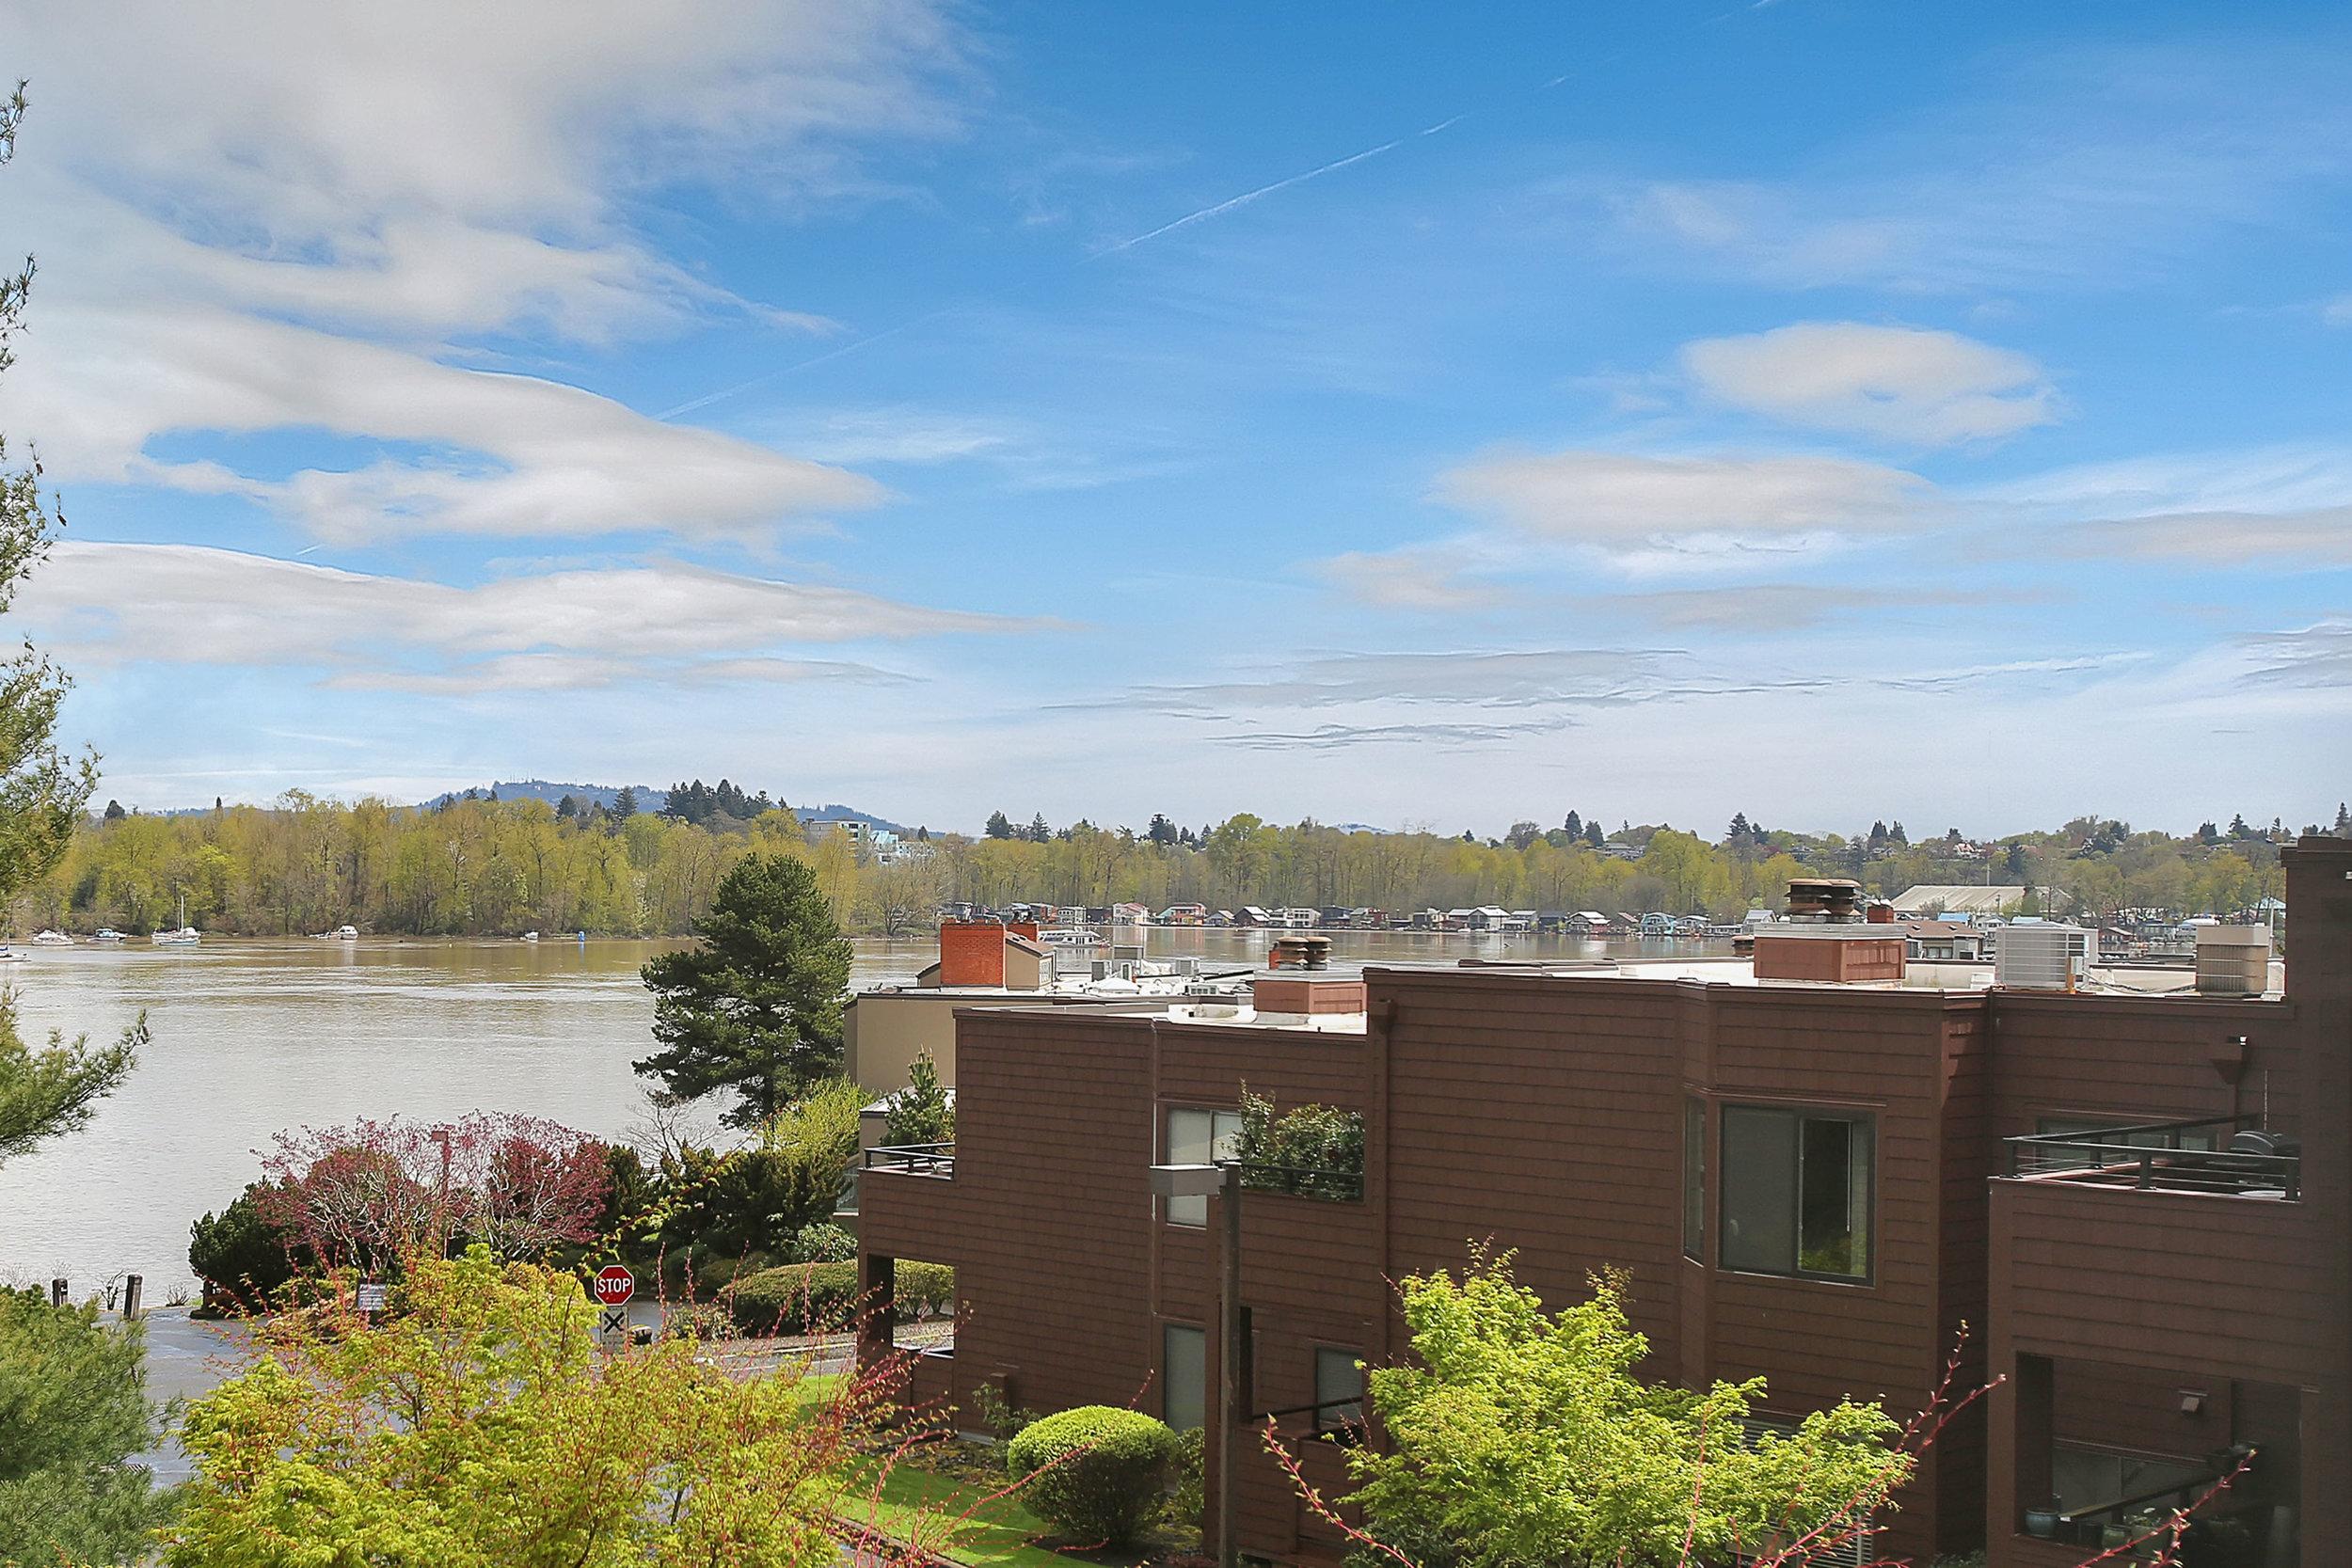 5858 SW Riversridge Ln - Unit 10 - Portland - 28.jpg